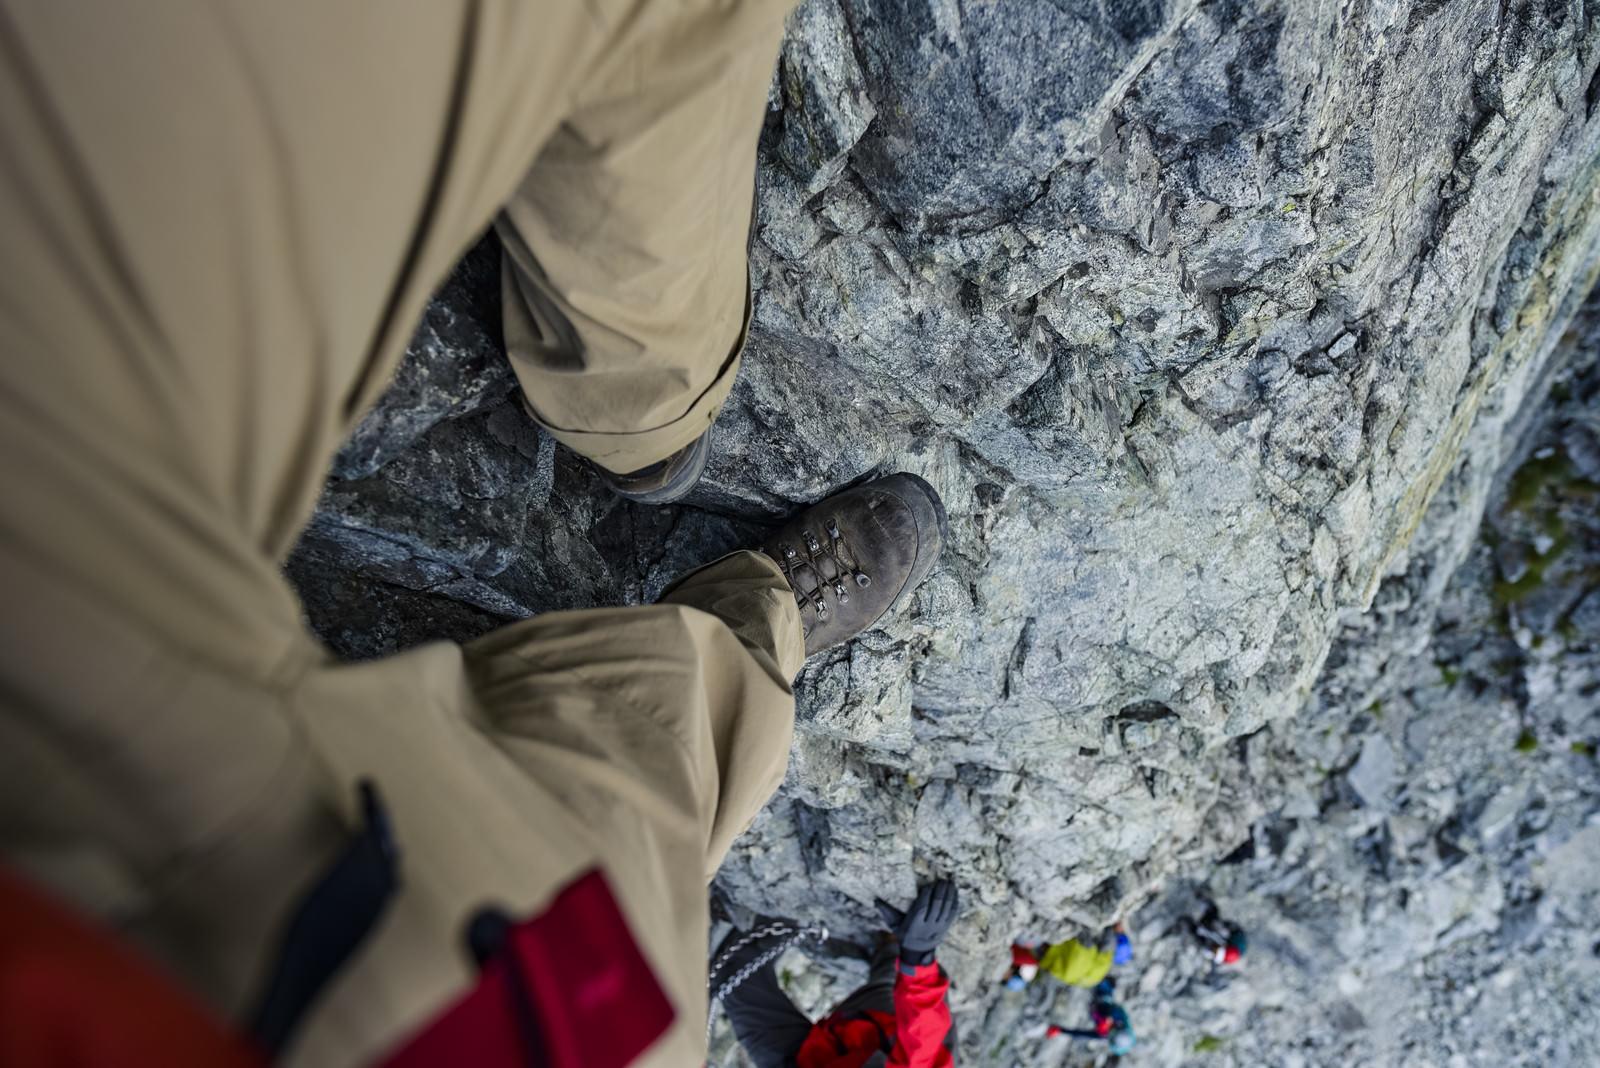 「剱岳の小さな足場に足をのせる登山者の目線」の写真